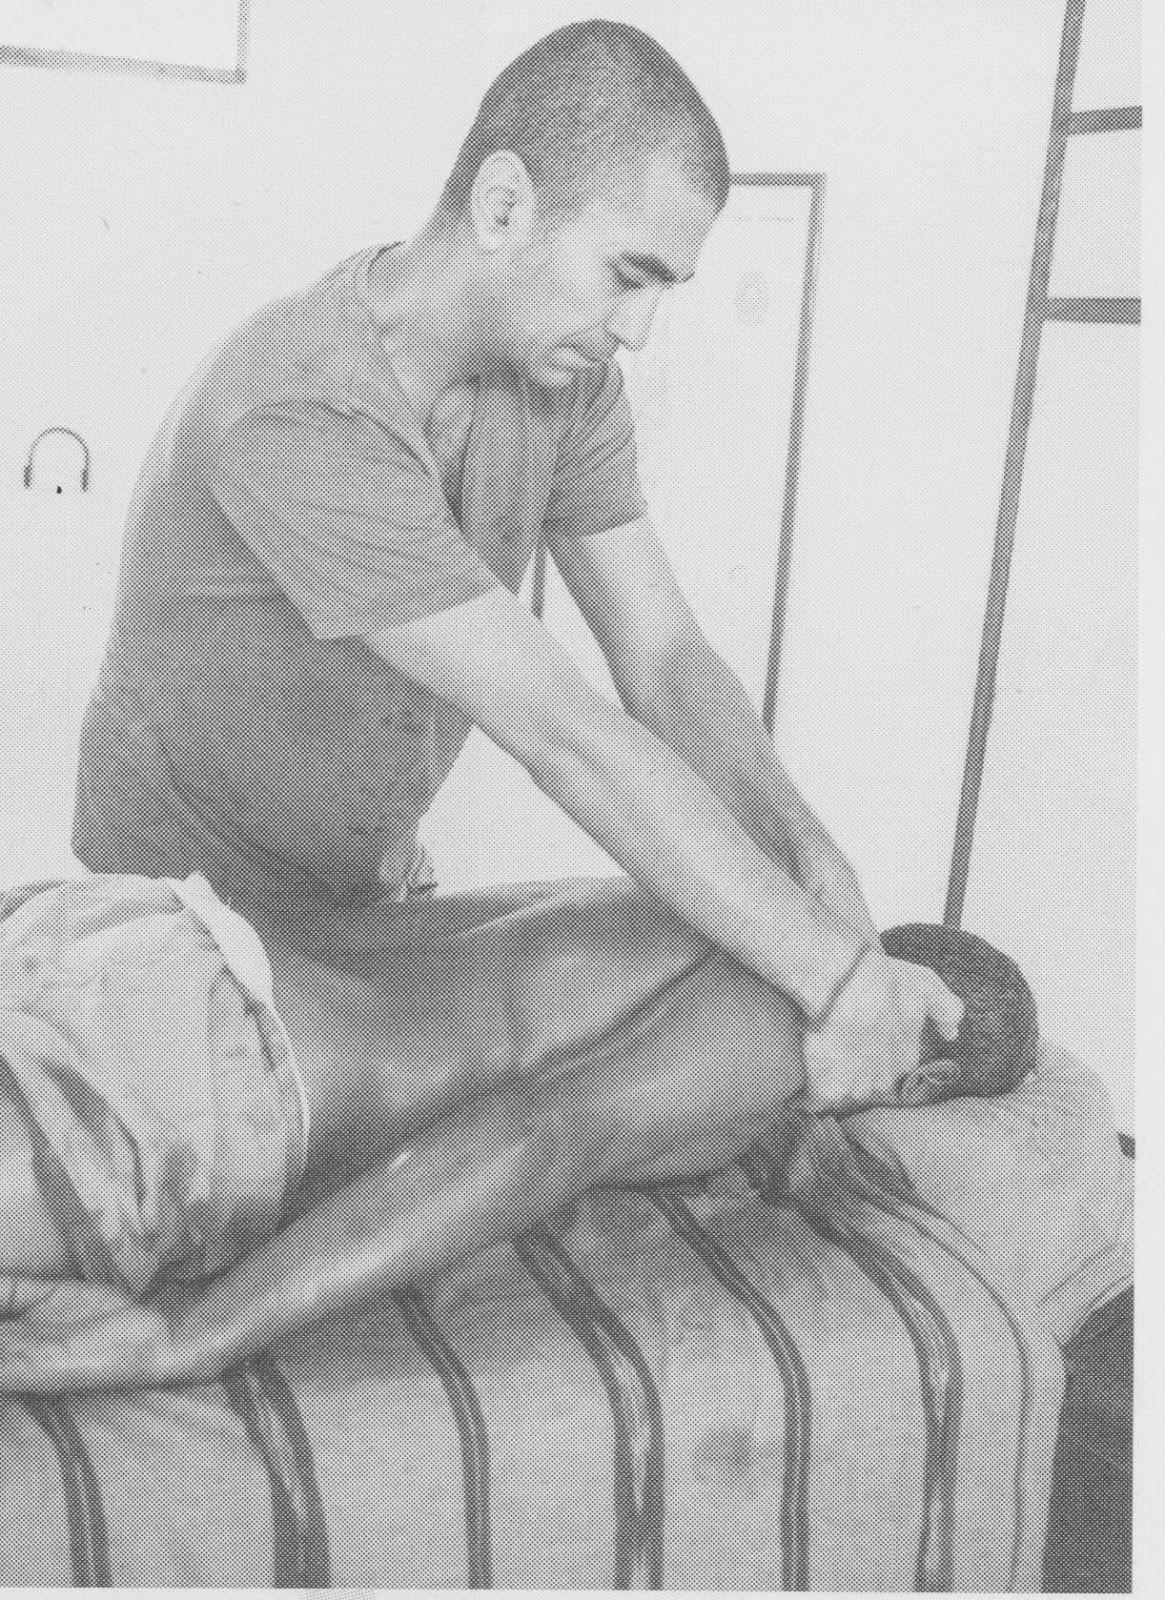 Terapi yang bernama Ayurveda fokus terhadap kesehatan fisik dan emosional seperti membersihkan tubuh dari penyakit. Salah satu cara yang diterapkan kepada pasien adalah dengan pijat seluruh badan